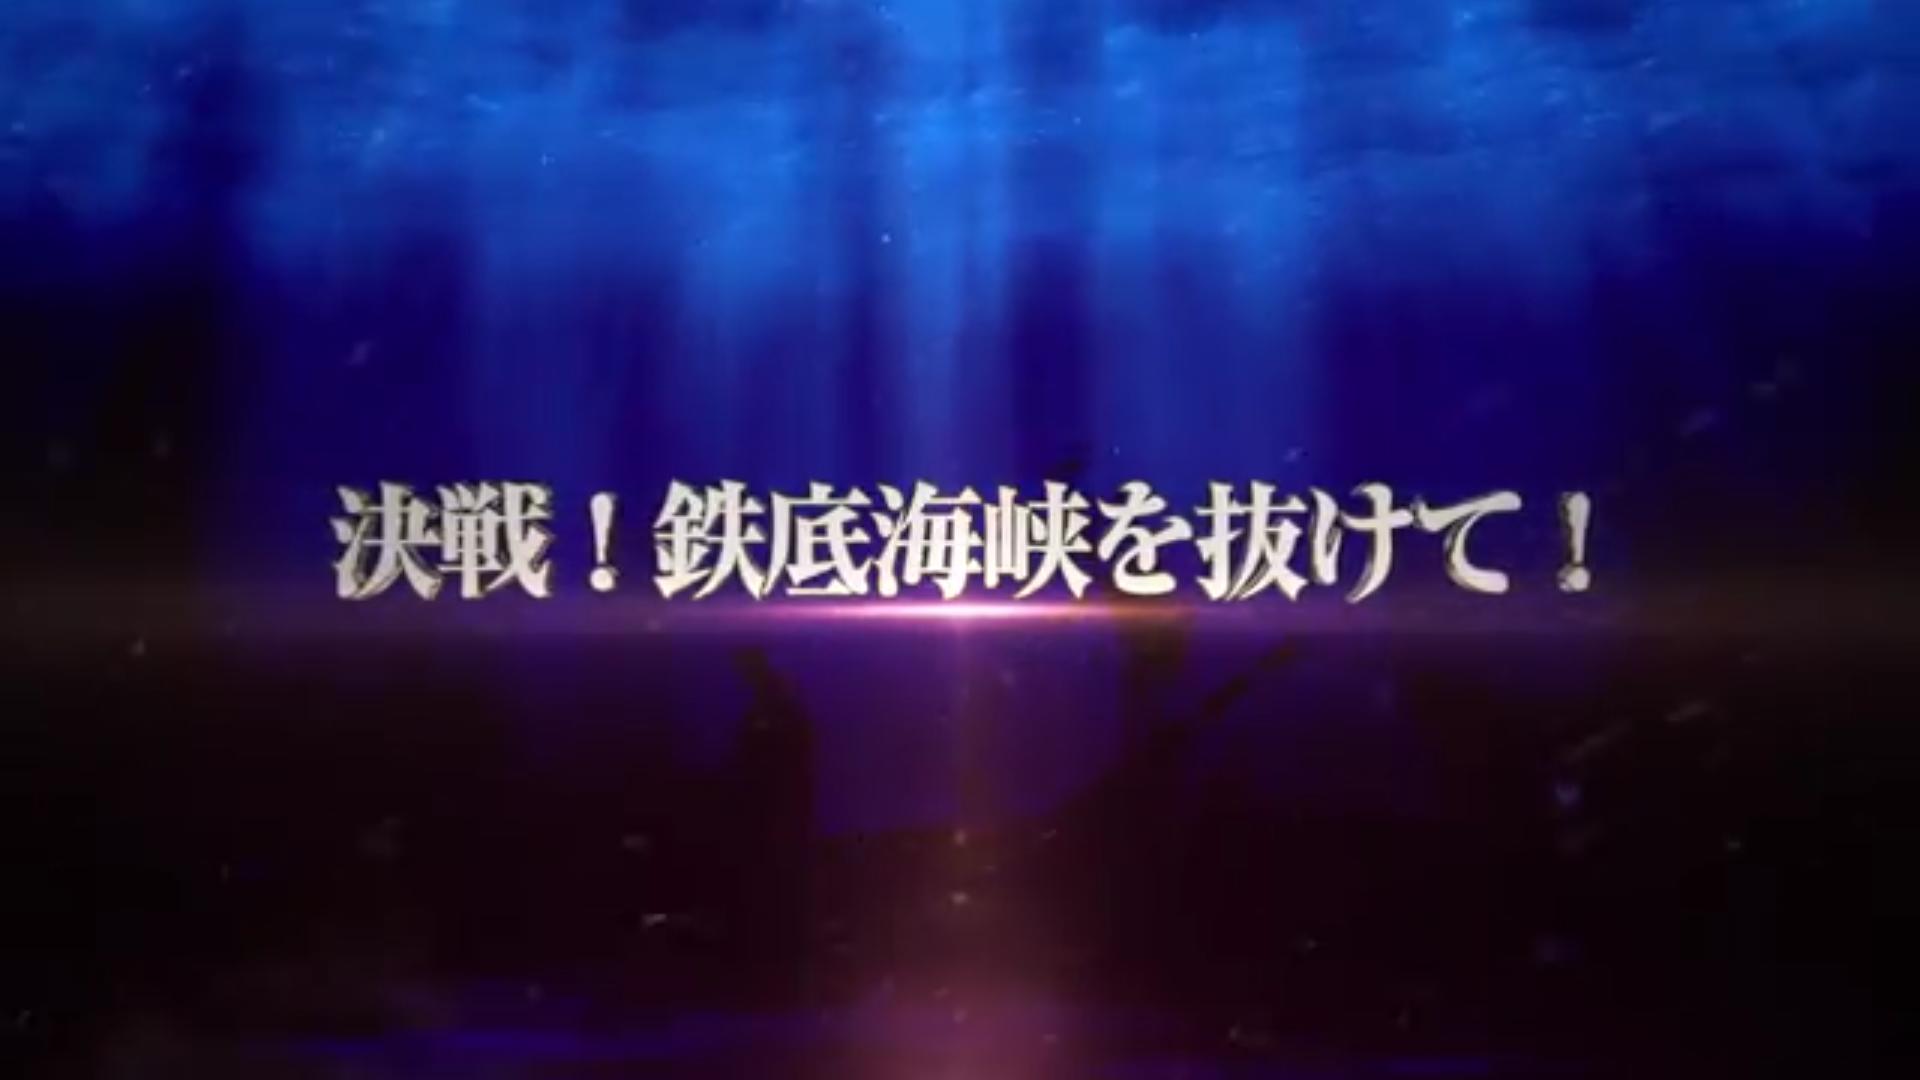 【AC】イベント3/22から開始!? -18春イベ続報その2-